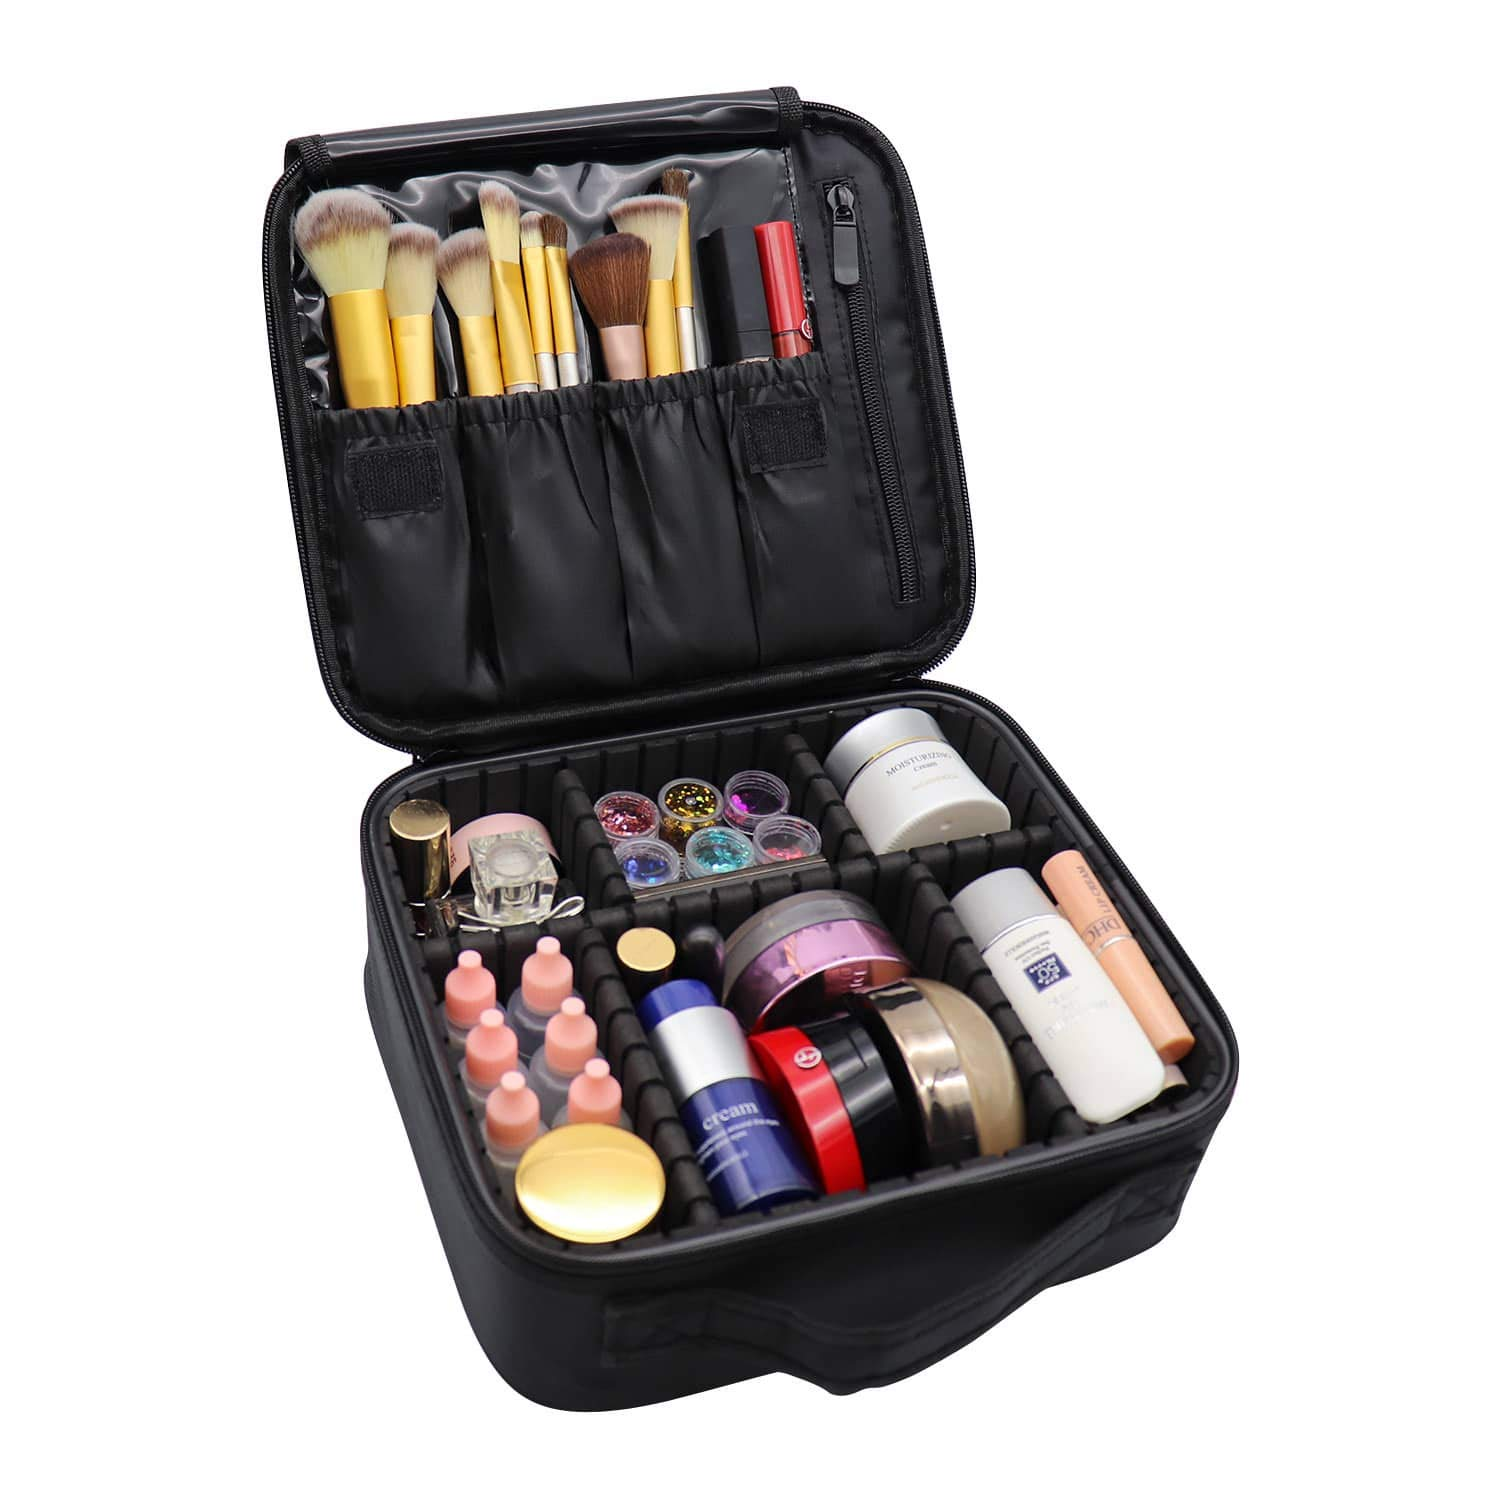 ゼンハイザーゼンハイザーCX 3.00赤耳ヘッドフォン(メーカーが販売終了) 、大容量の収納袋、化粧品、ジュエリー、アクセサリー、デジタル黒